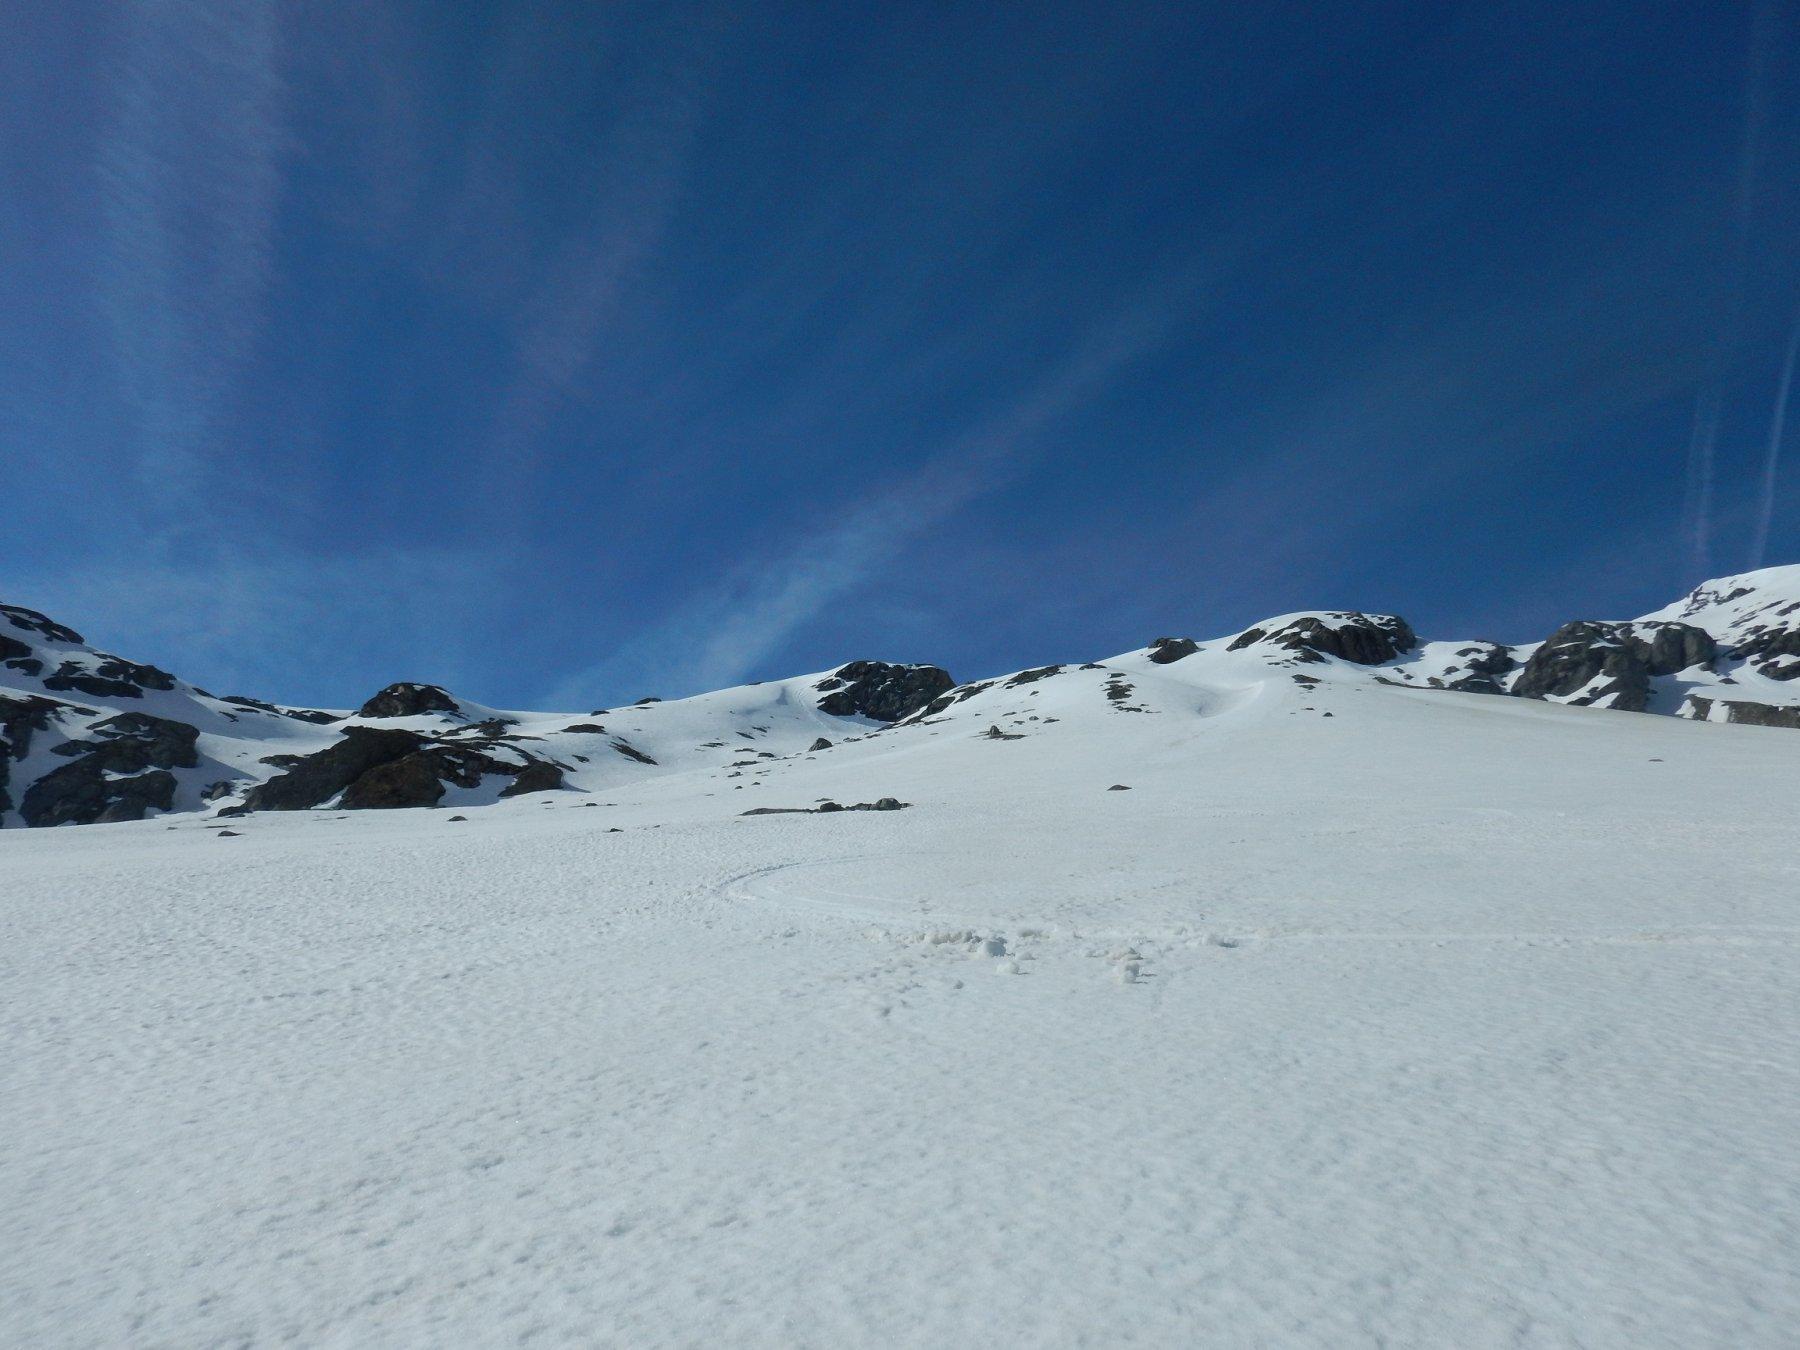 ancora bella neve primaverile nella parte bassa